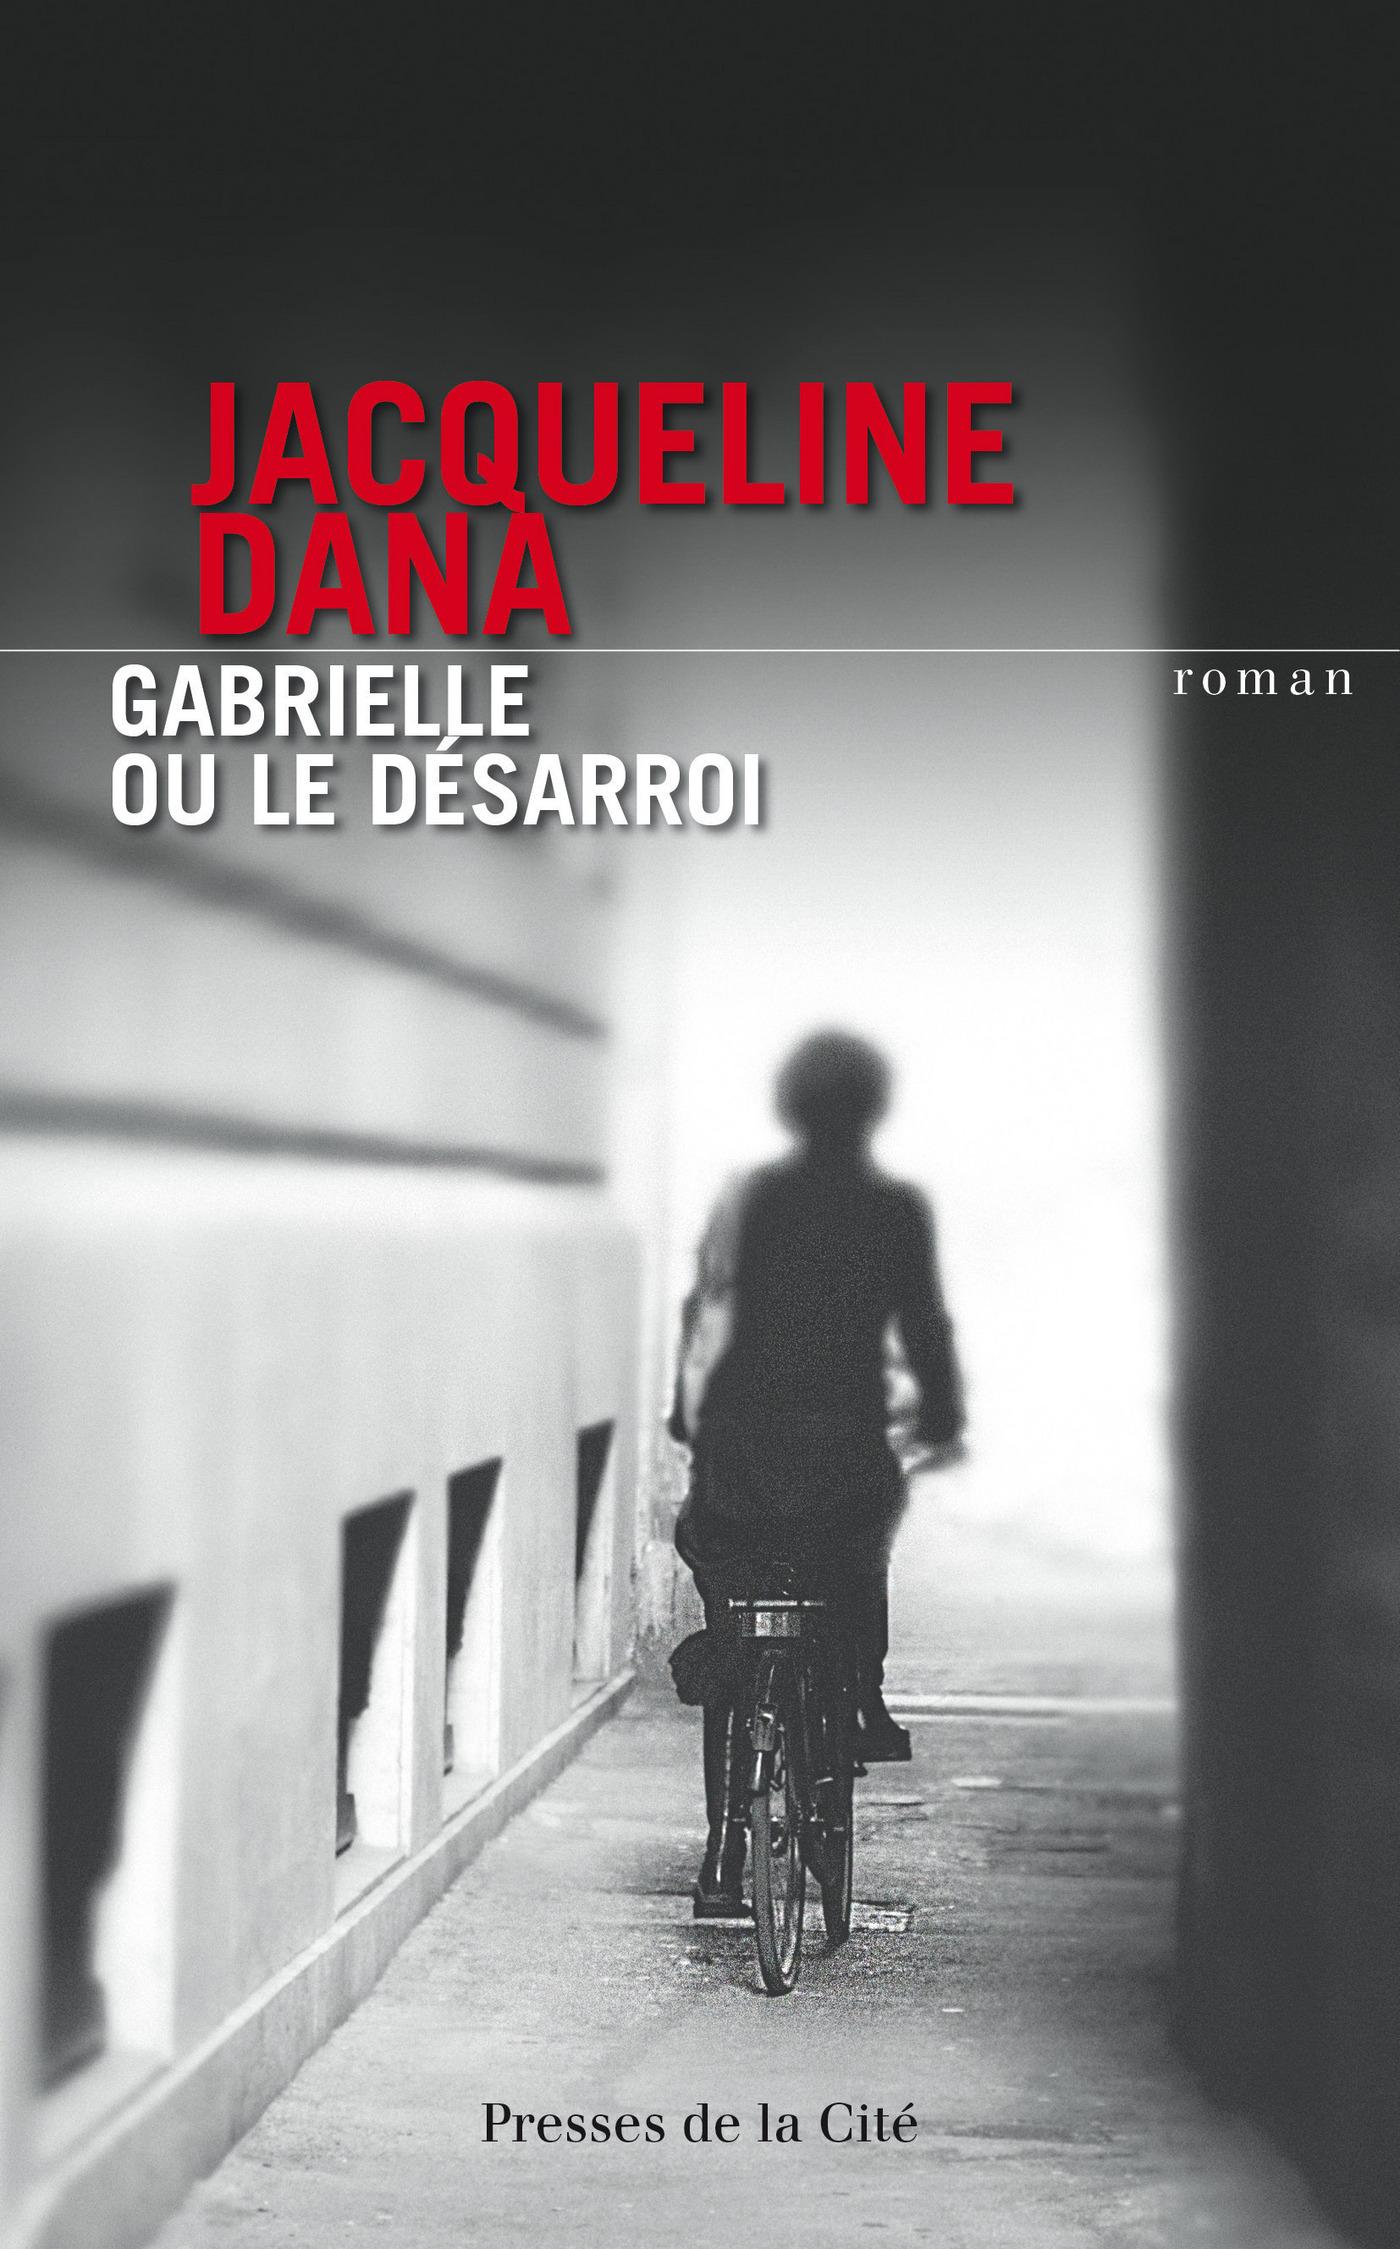 Gabrielle ou le d?sarroi